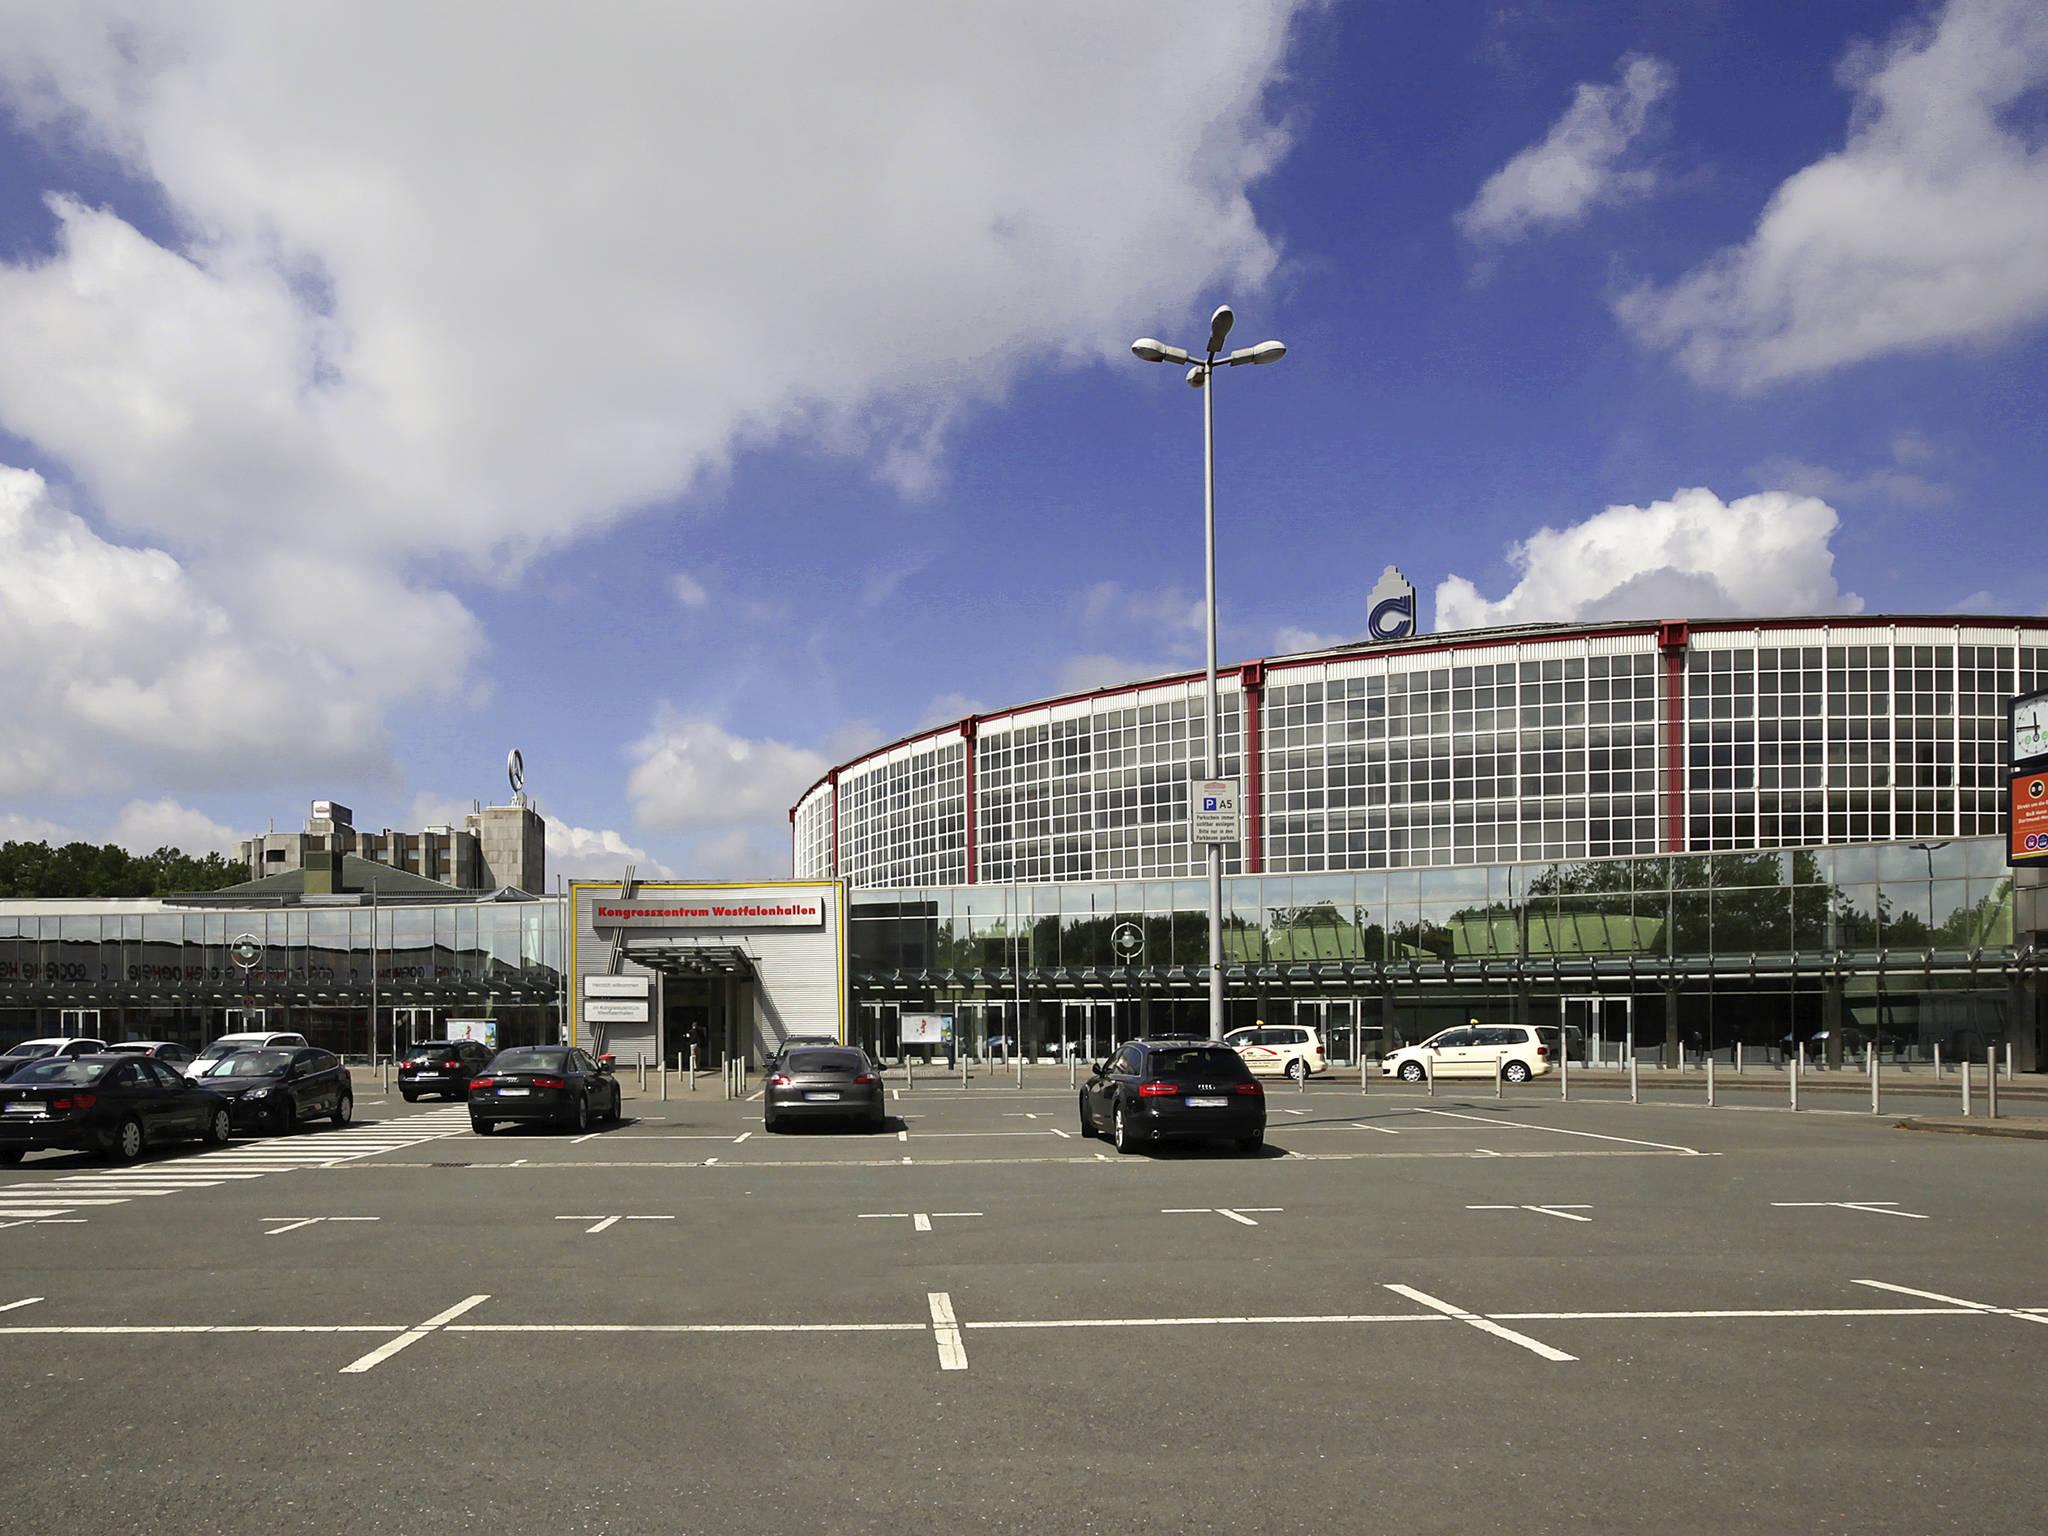 Mercure Hotel Messe Und Kongress Dortmund